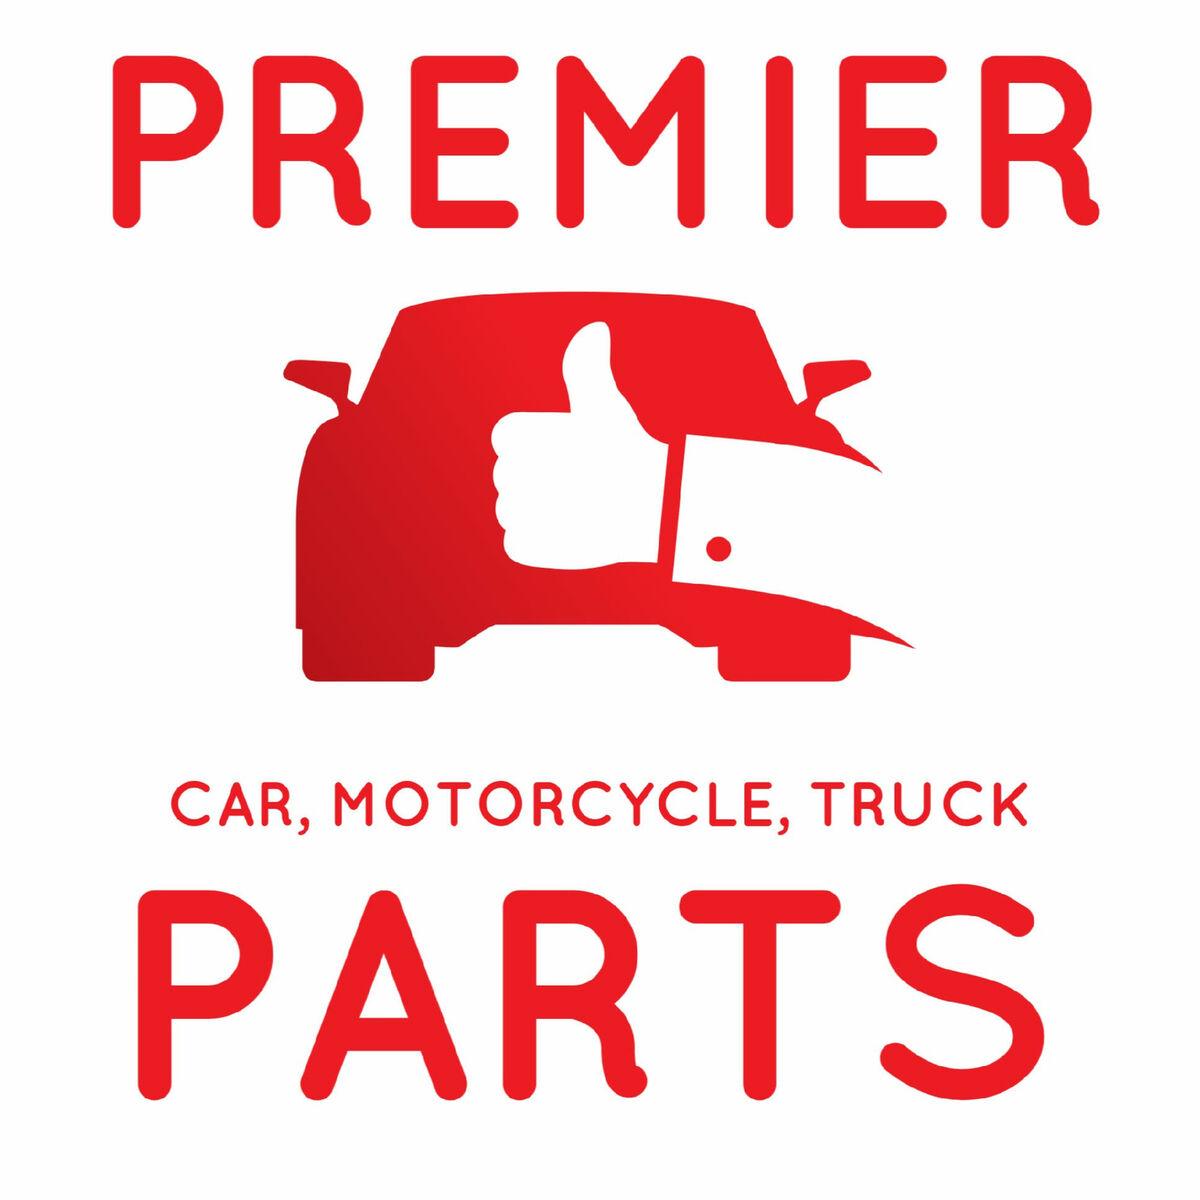 Premier Parts